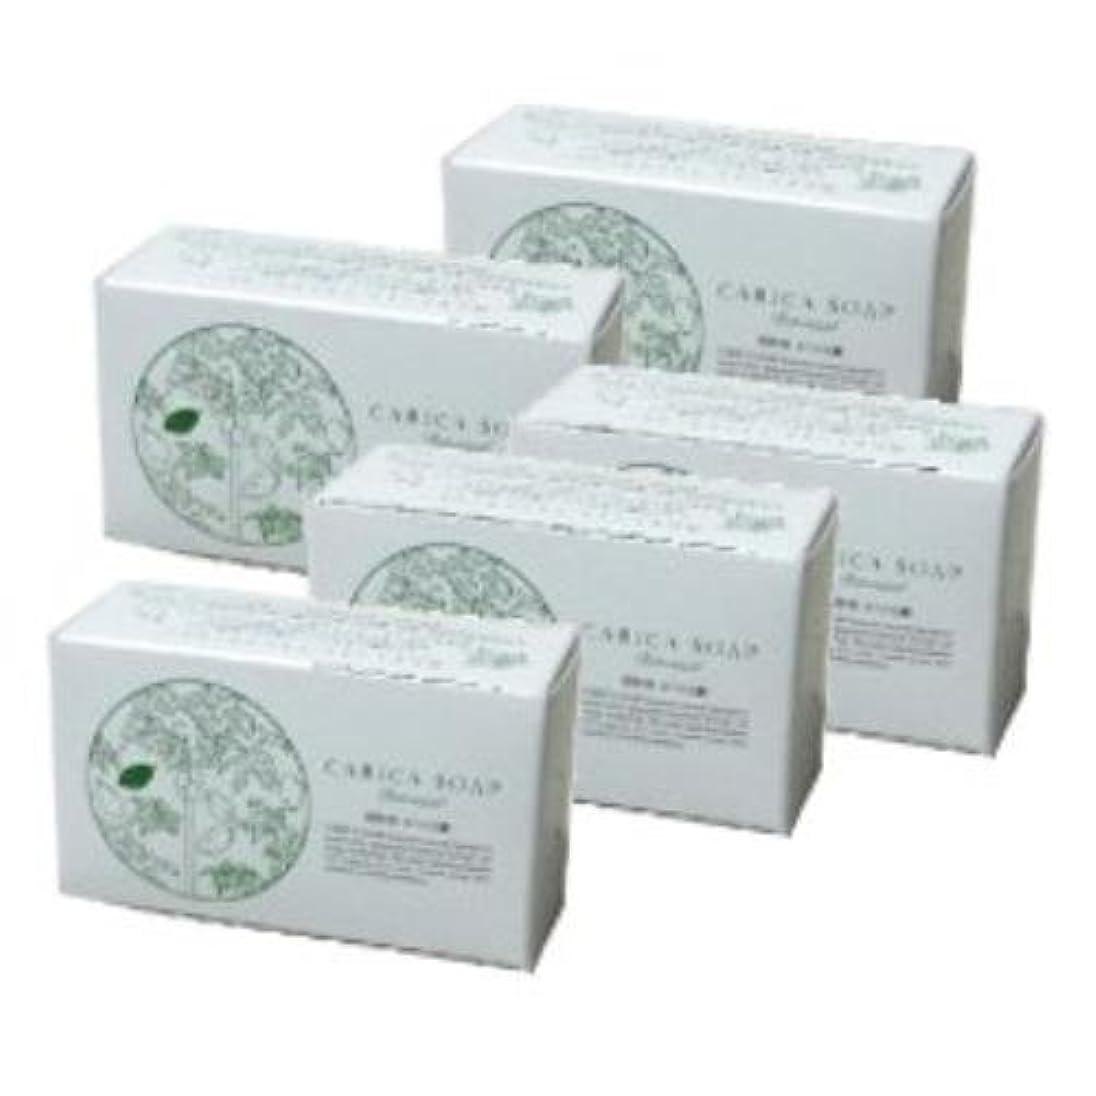 ぼかしパイプラインループ植物性カリカ石鹸 100g 5個セット